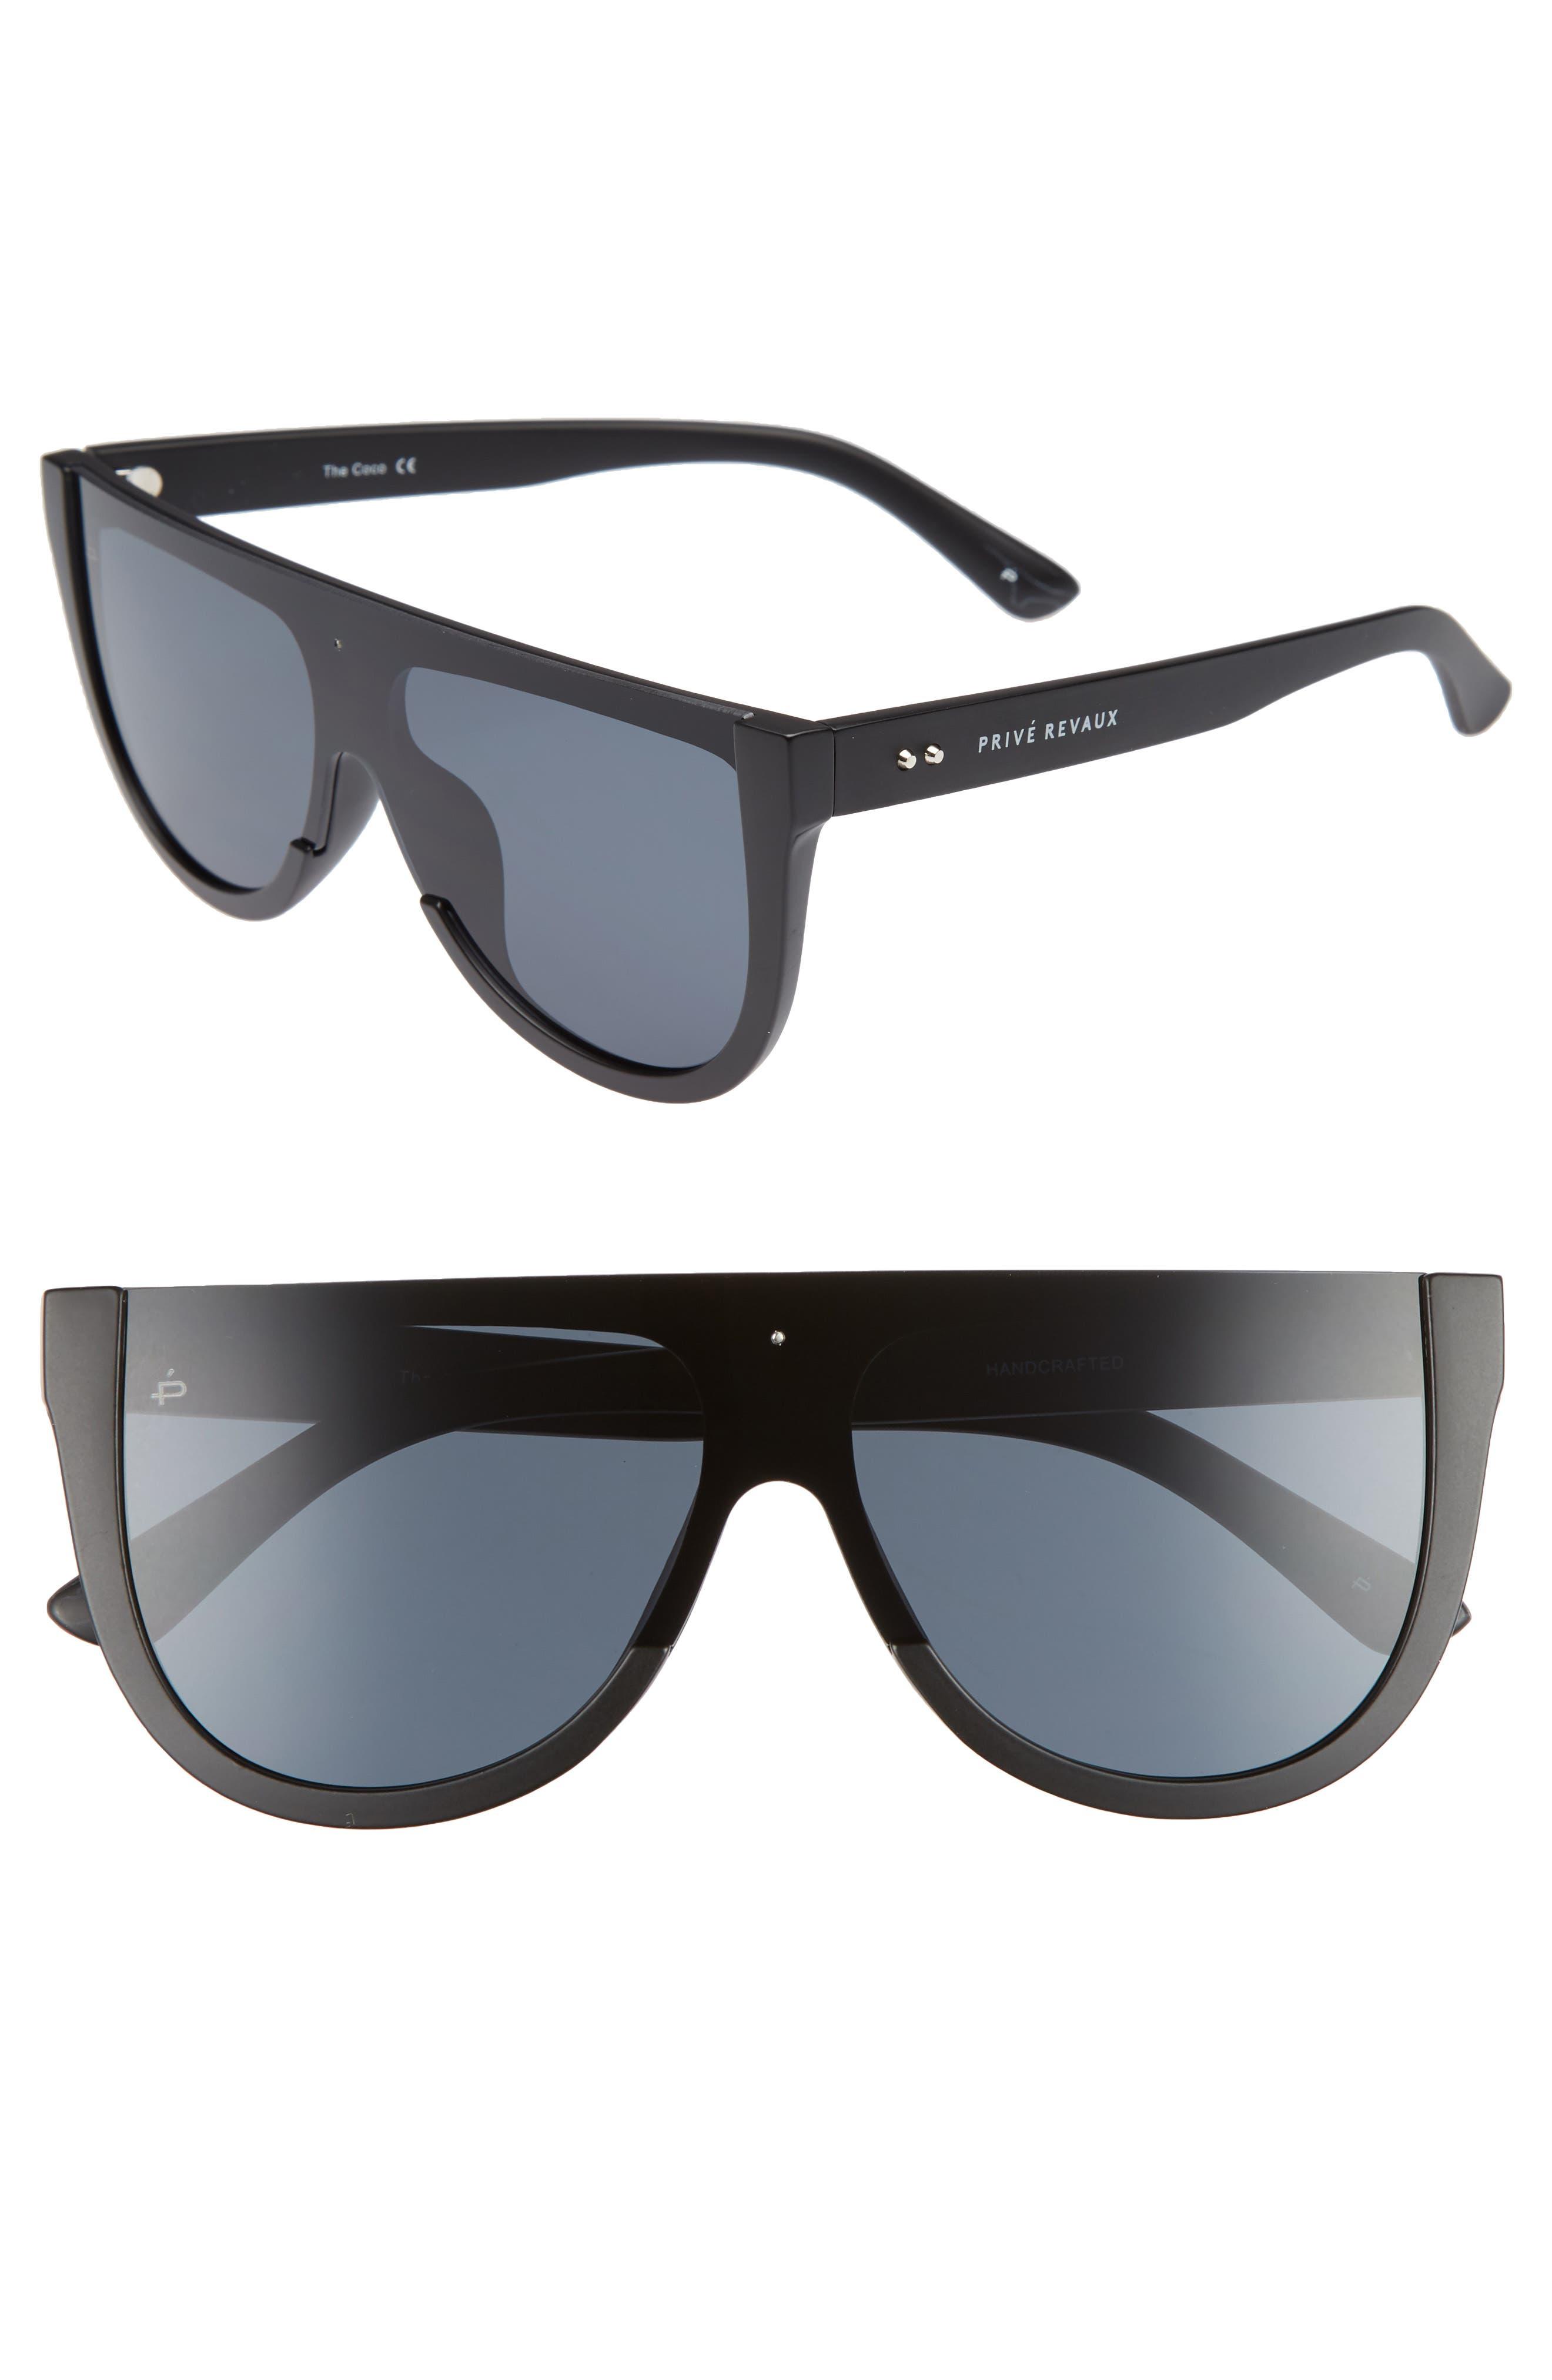 Privé Revaux The Coco 60mm Shield Sunglasses,                             Main thumbnail 1, color,                             001